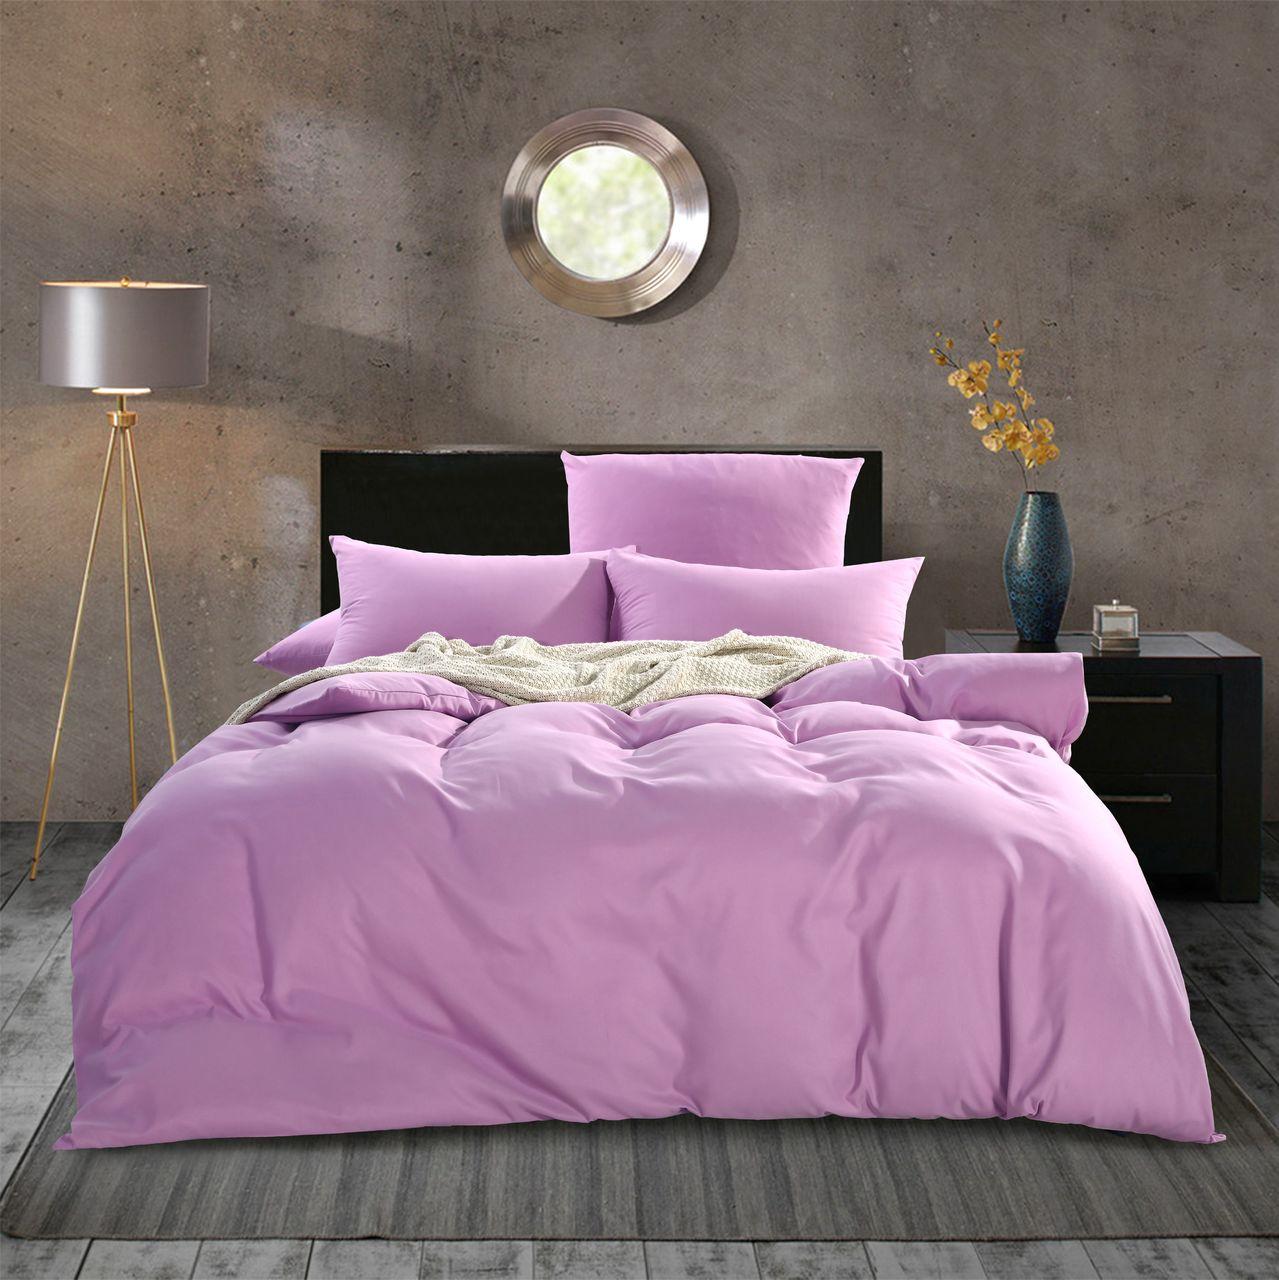 Комплект постельного белья Ситрейд CS013-2 70-70 2 спальный, наволочки 70-70 2 шт комплект постельного белья ситрейд ac053 e 4 евро наволочки 4 шт